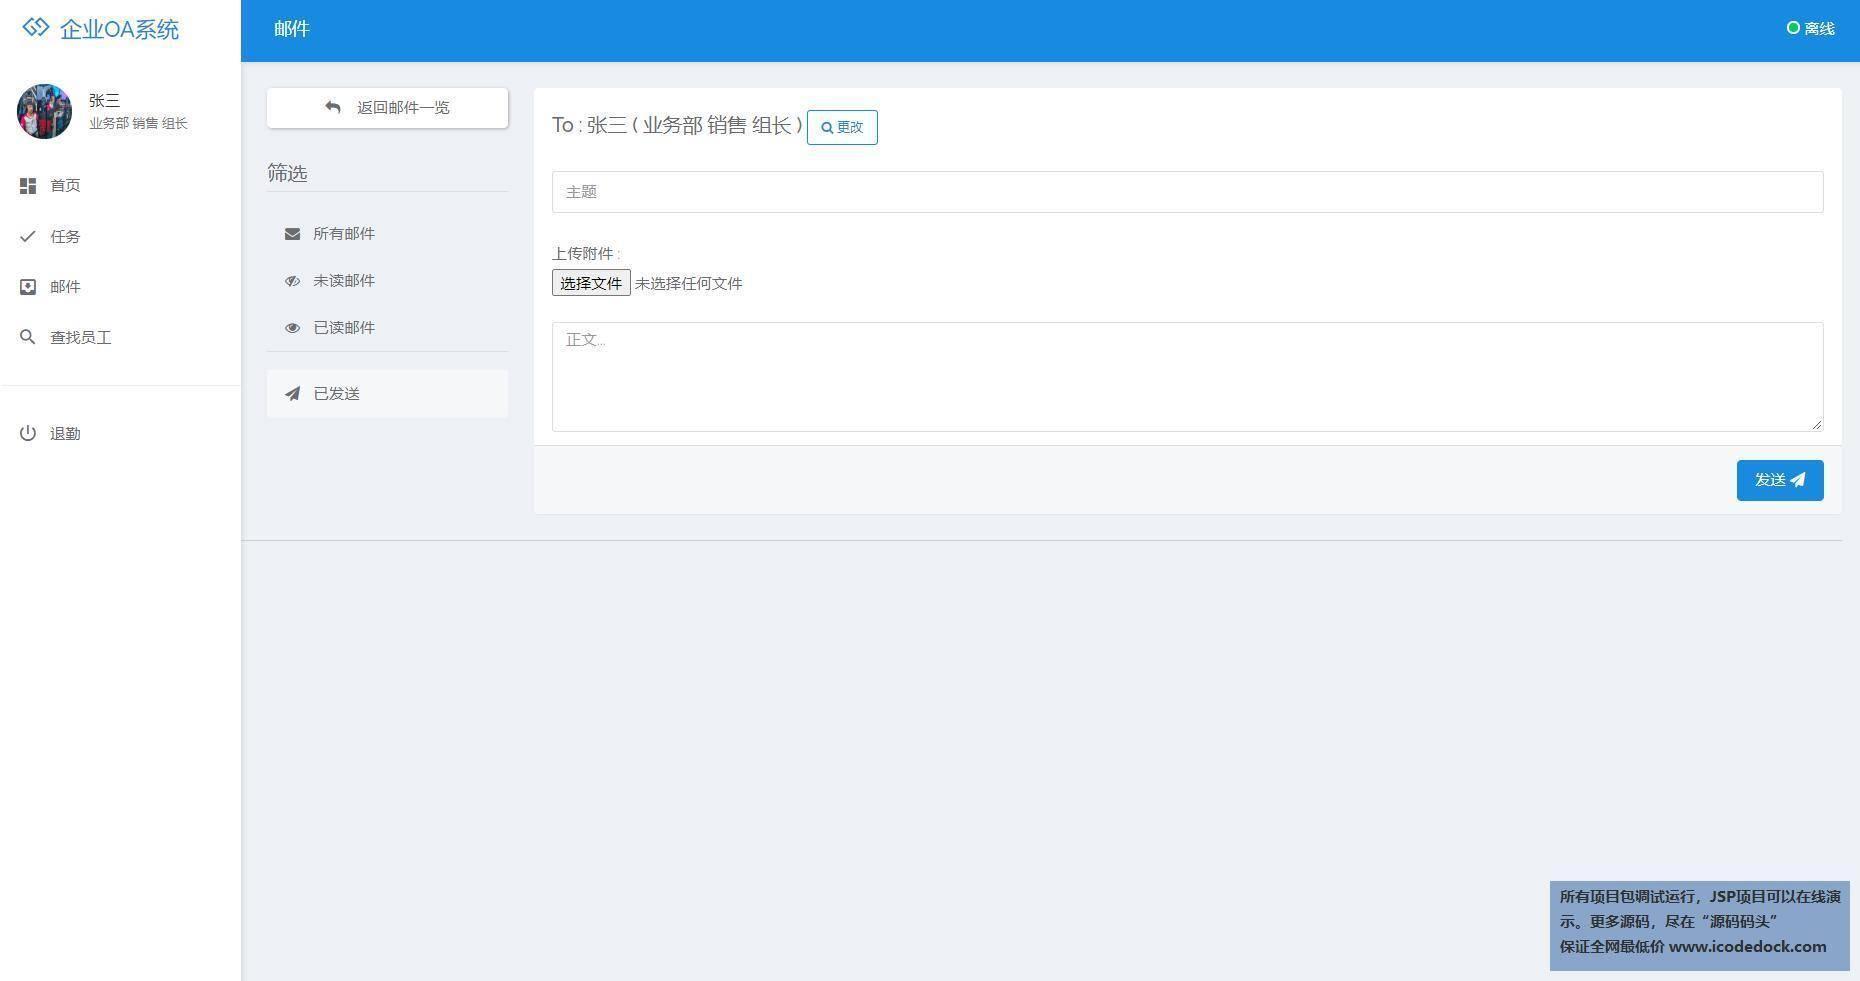 源码码头-SSM公司企业OA管理系统-员工角色-发送邮件